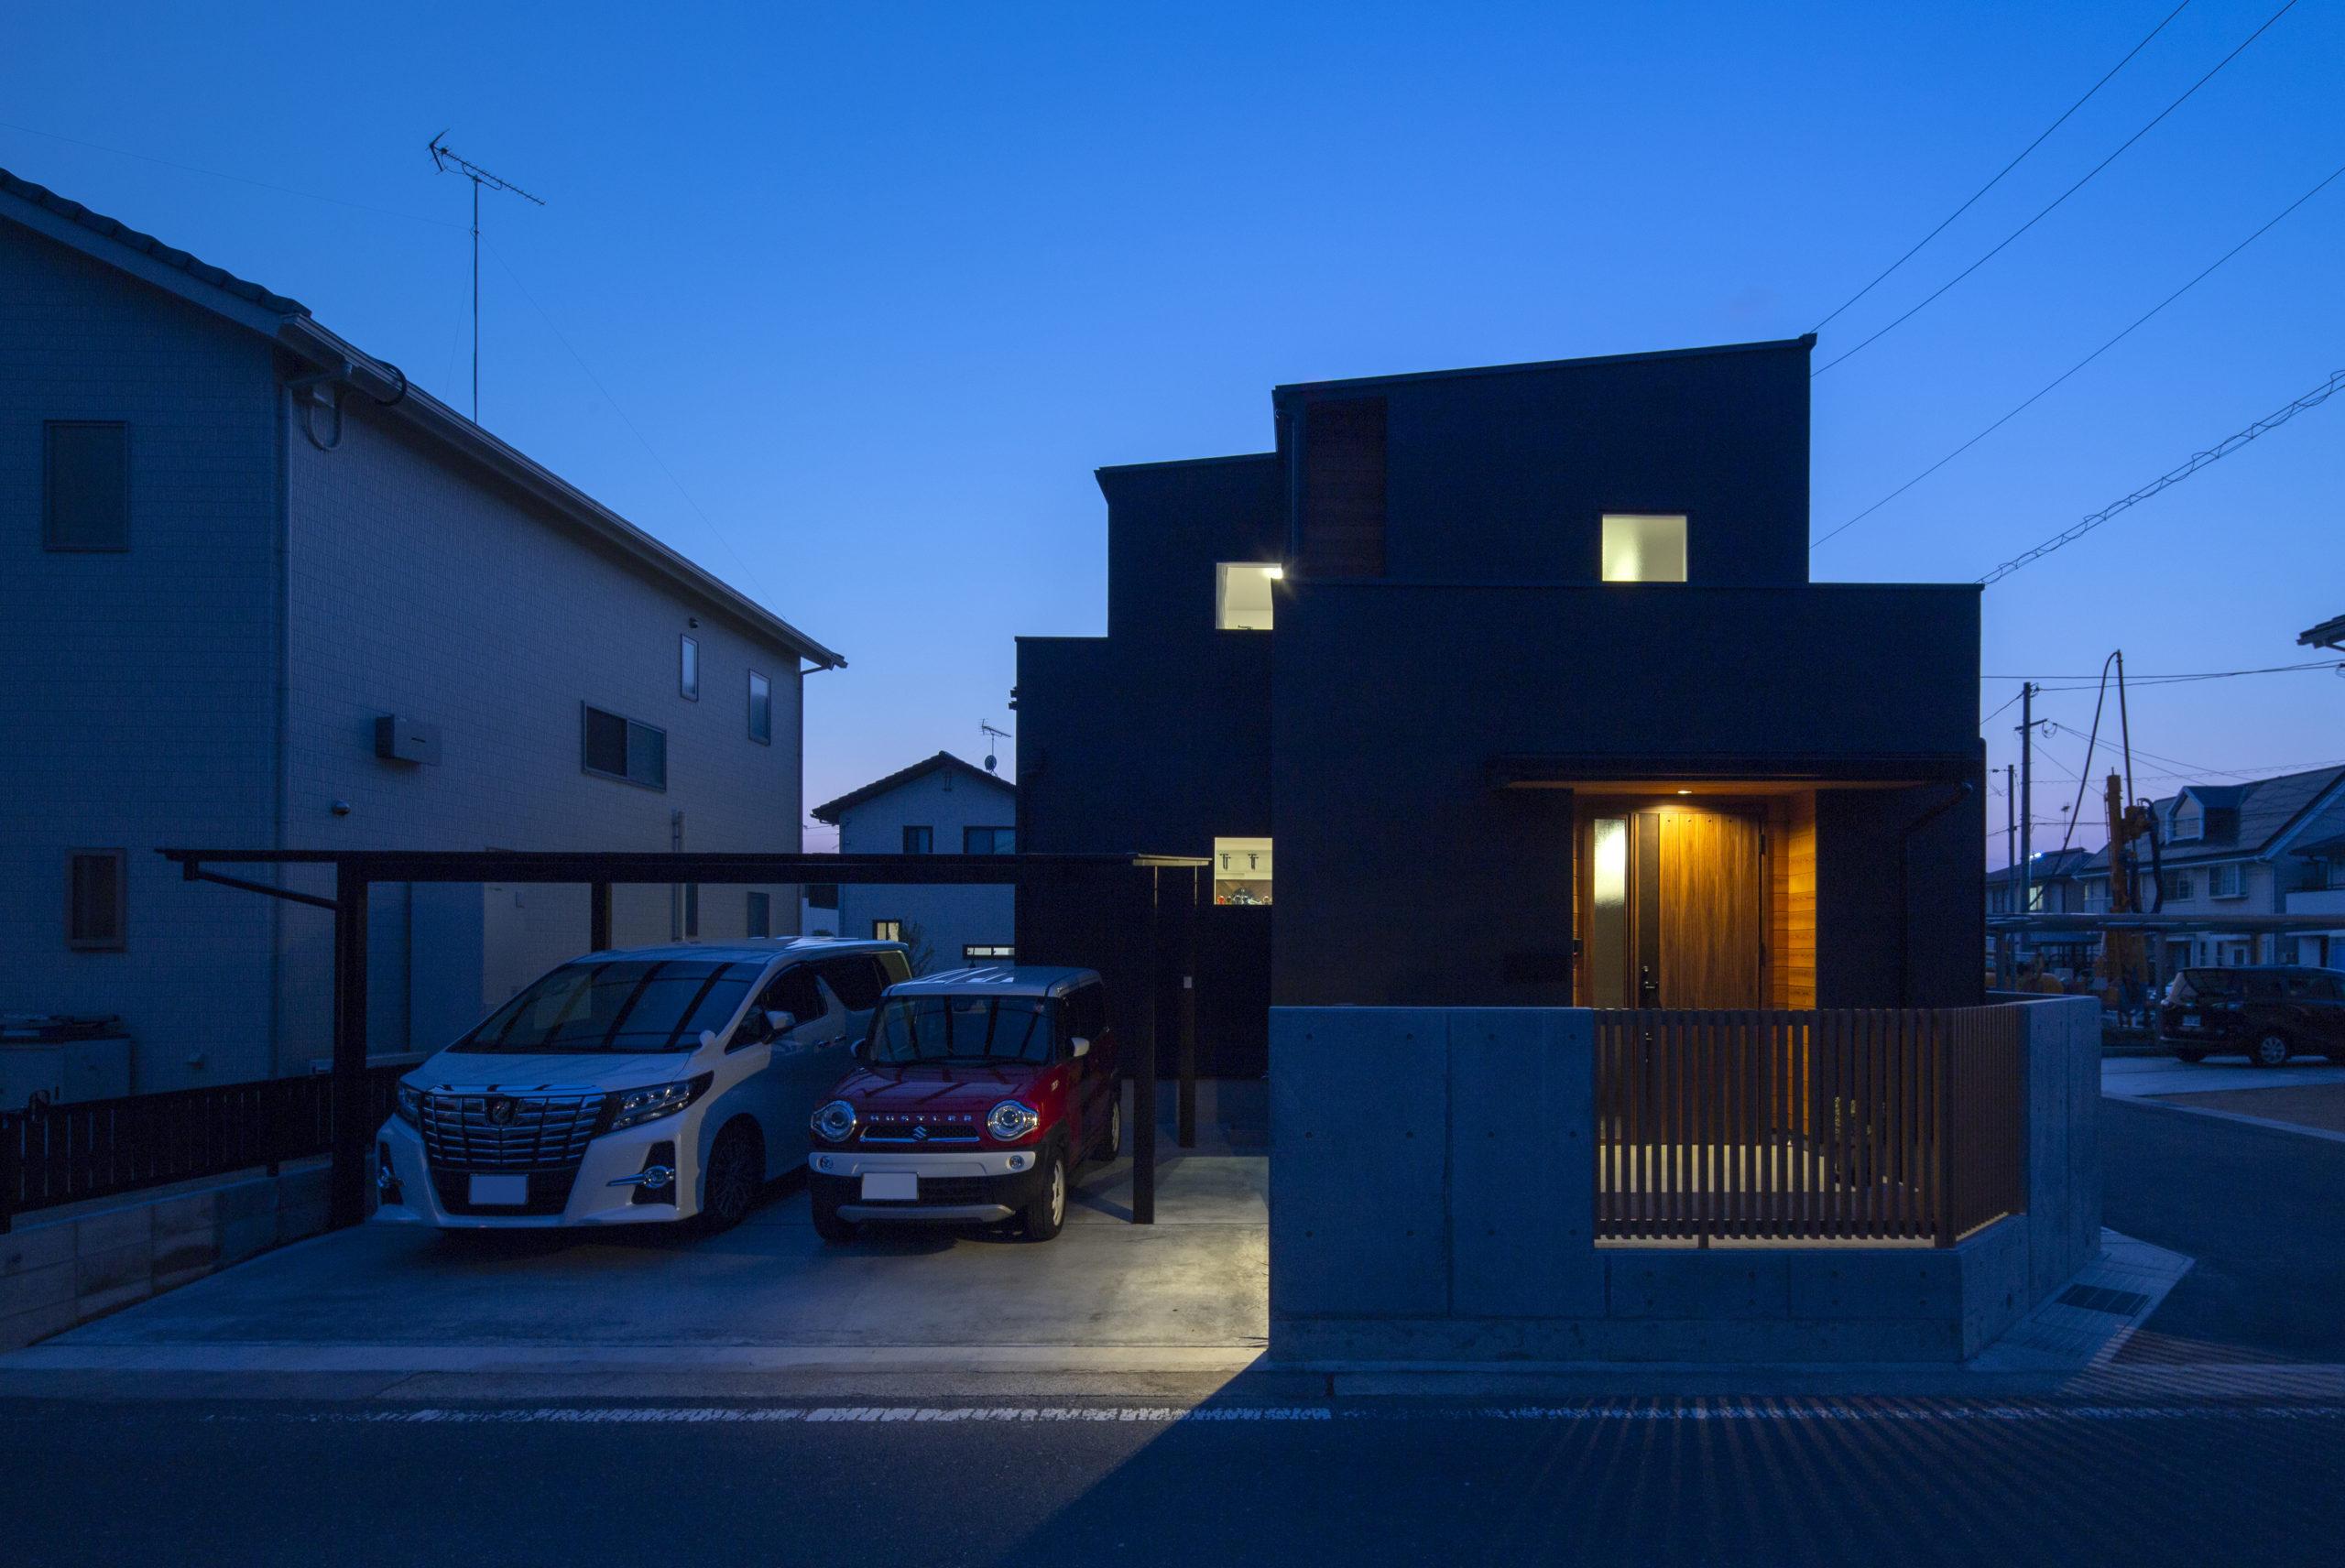 福山市の注文住宅|今井住建の施工事例ギャラリー「夜の外観も気になりますよね」